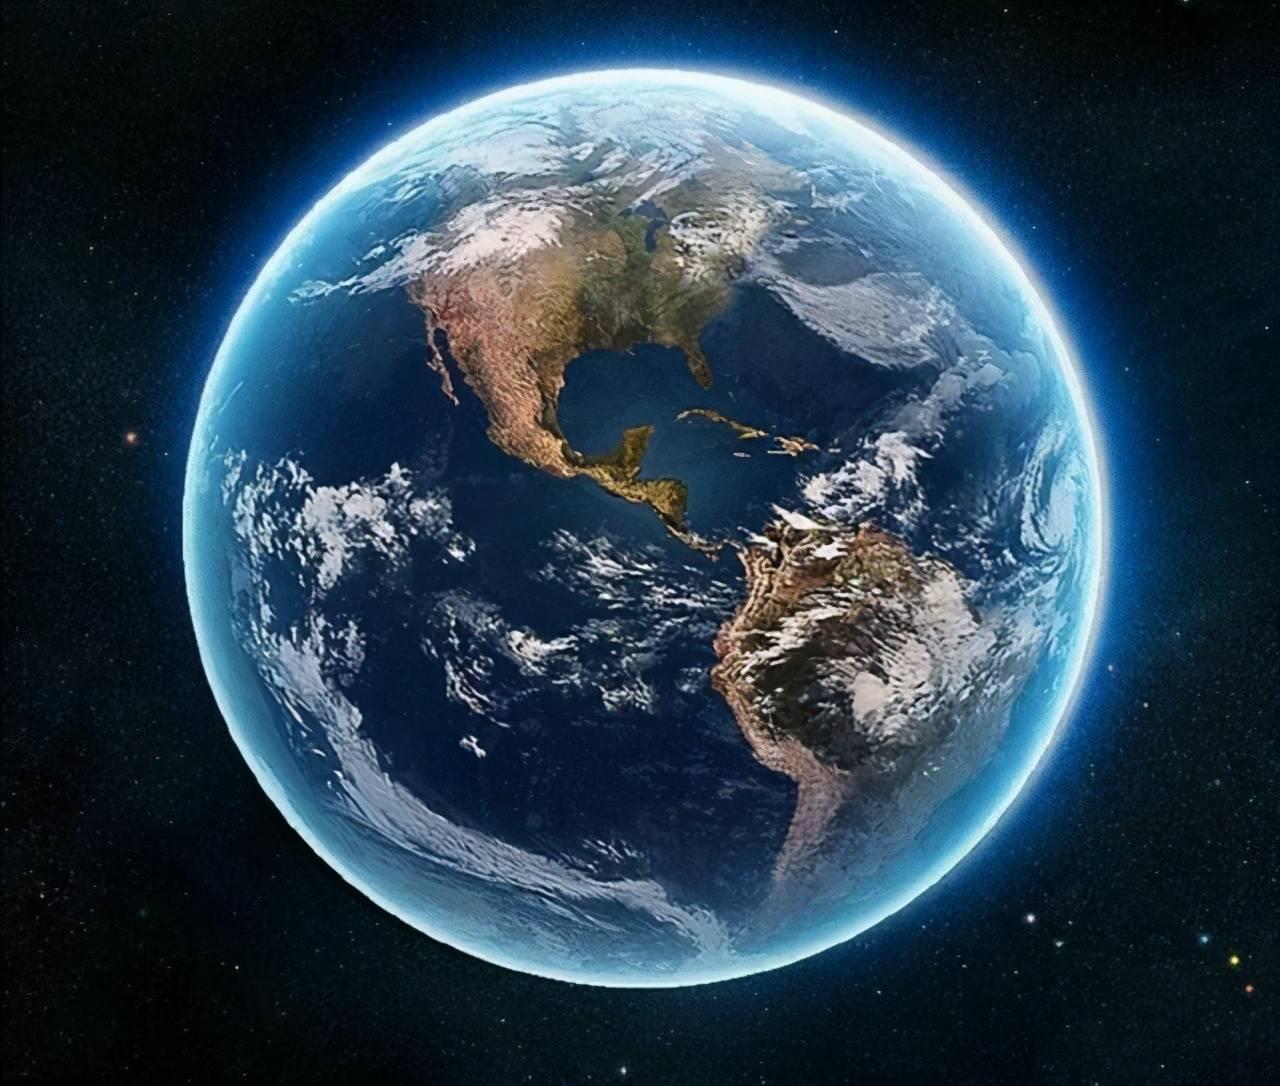 28万亿吨:地球冰盖正在快速崩溃,海平面上升了多少?